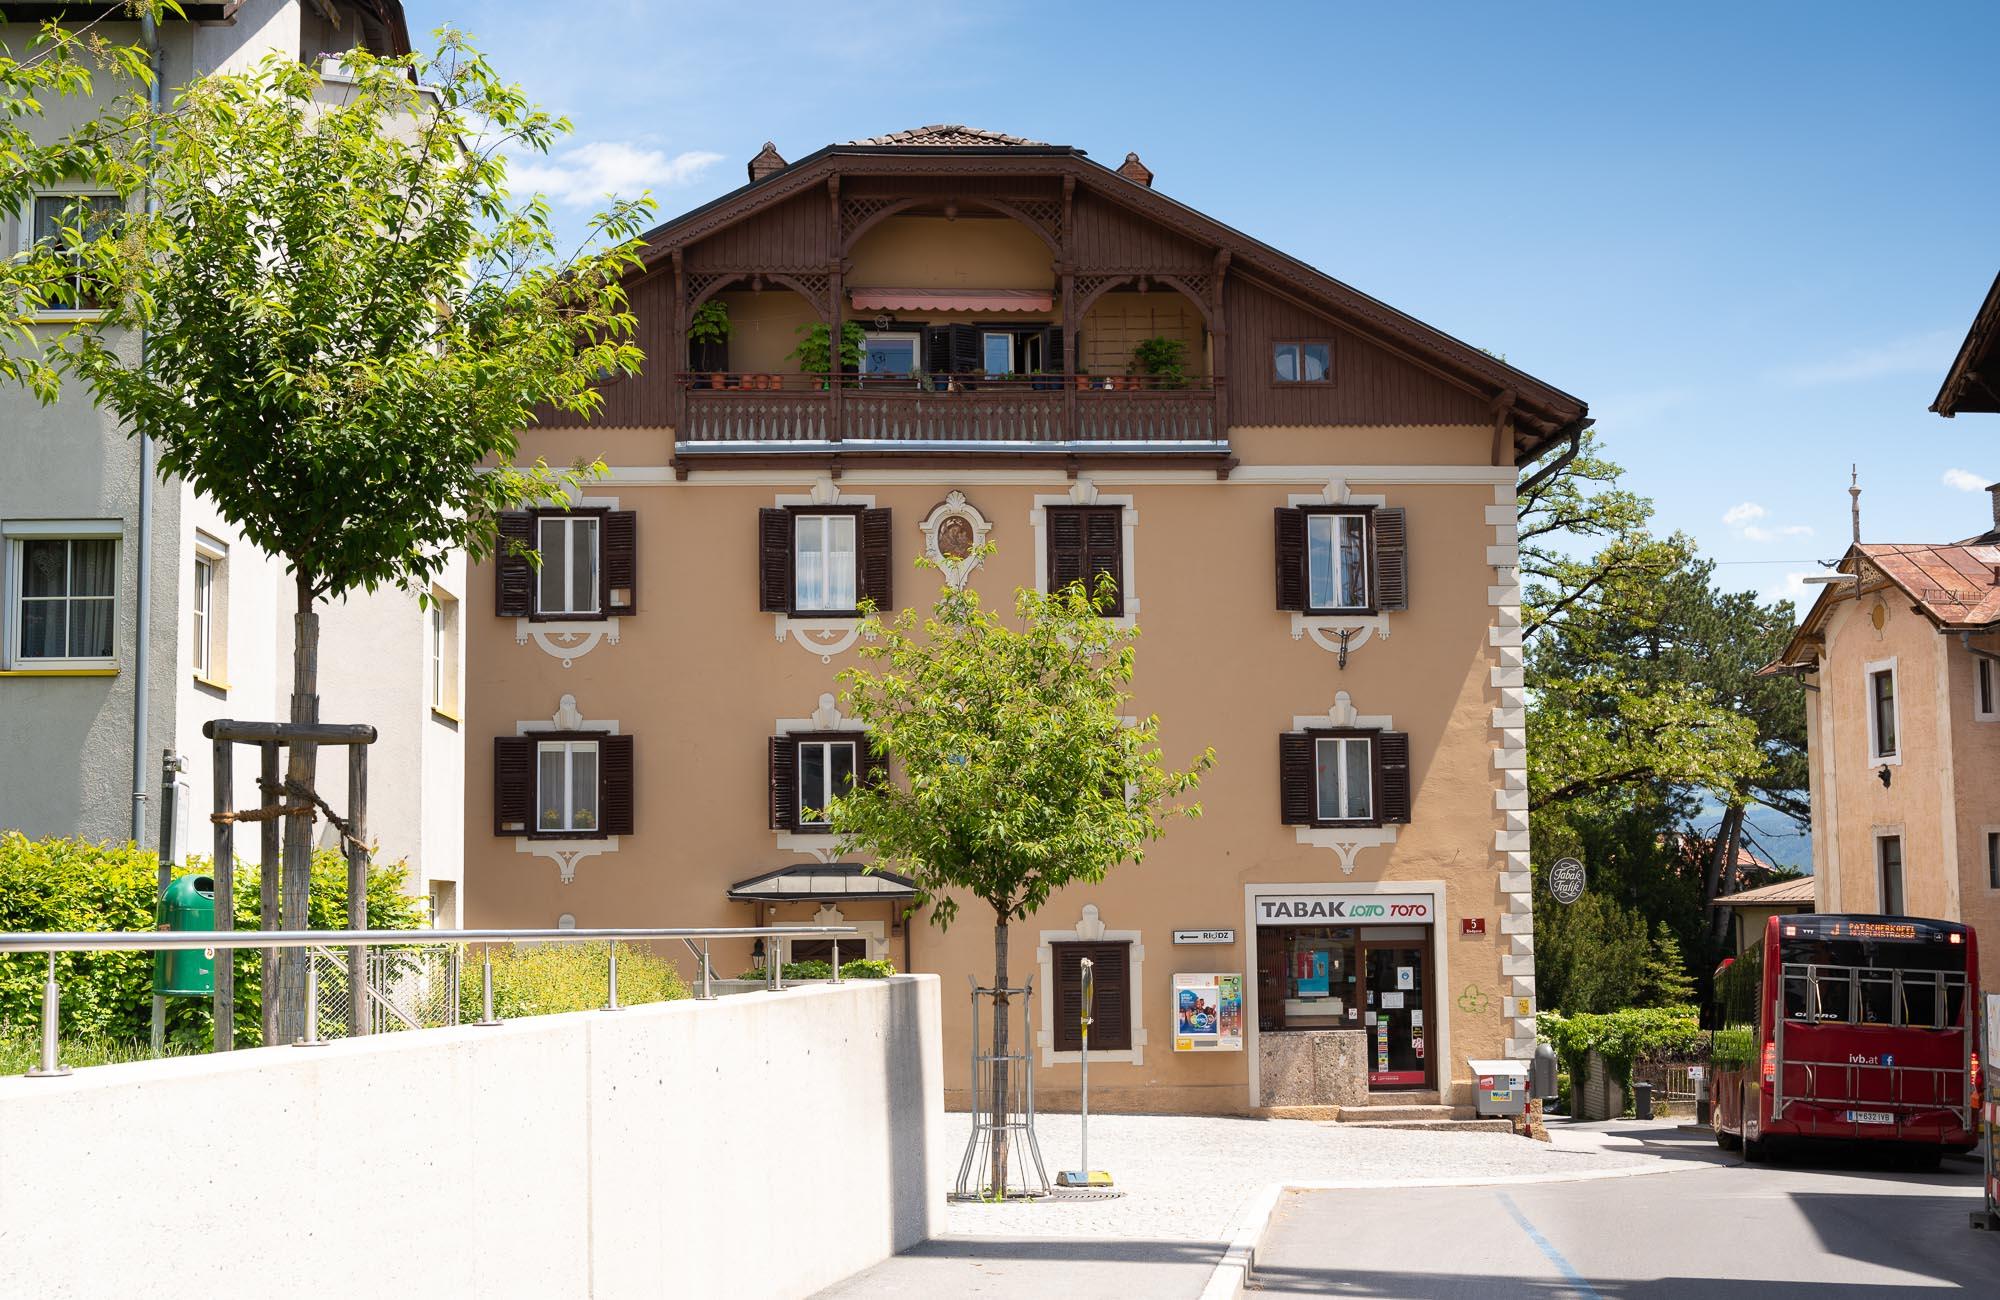 Absteige Innsbruck, Sommerurlaub, Nebengebäude